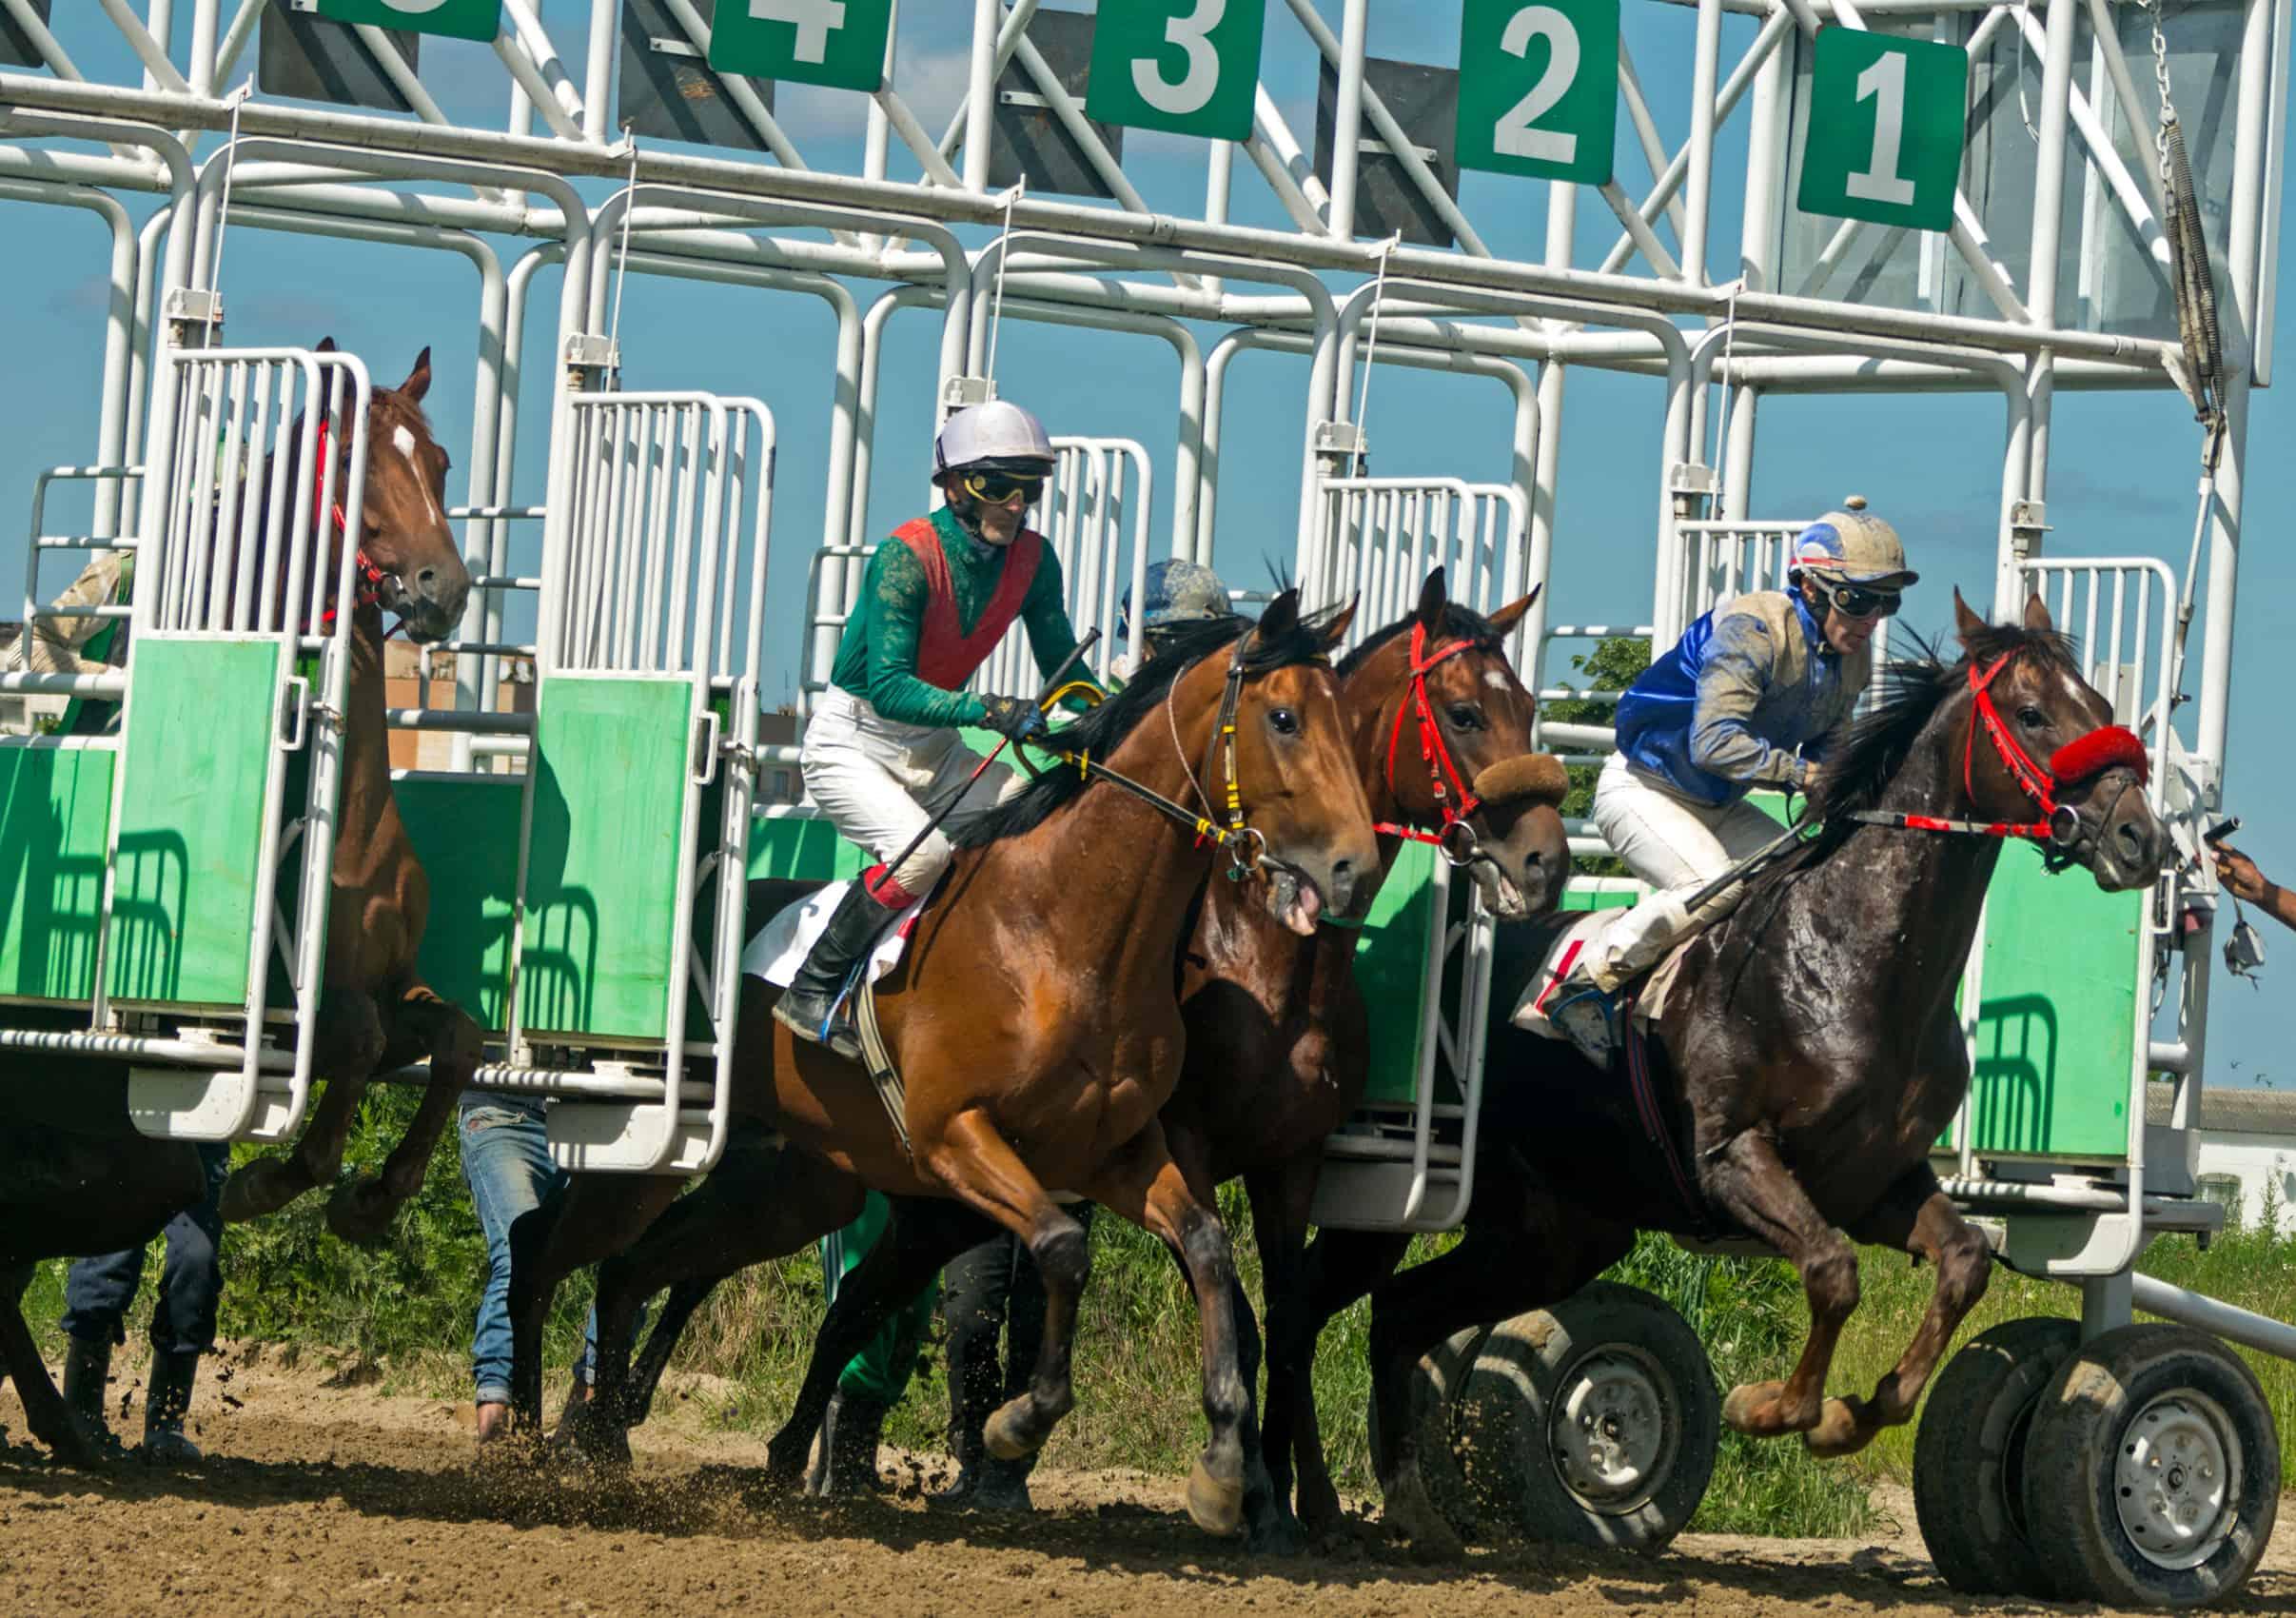 is horse racing cruel